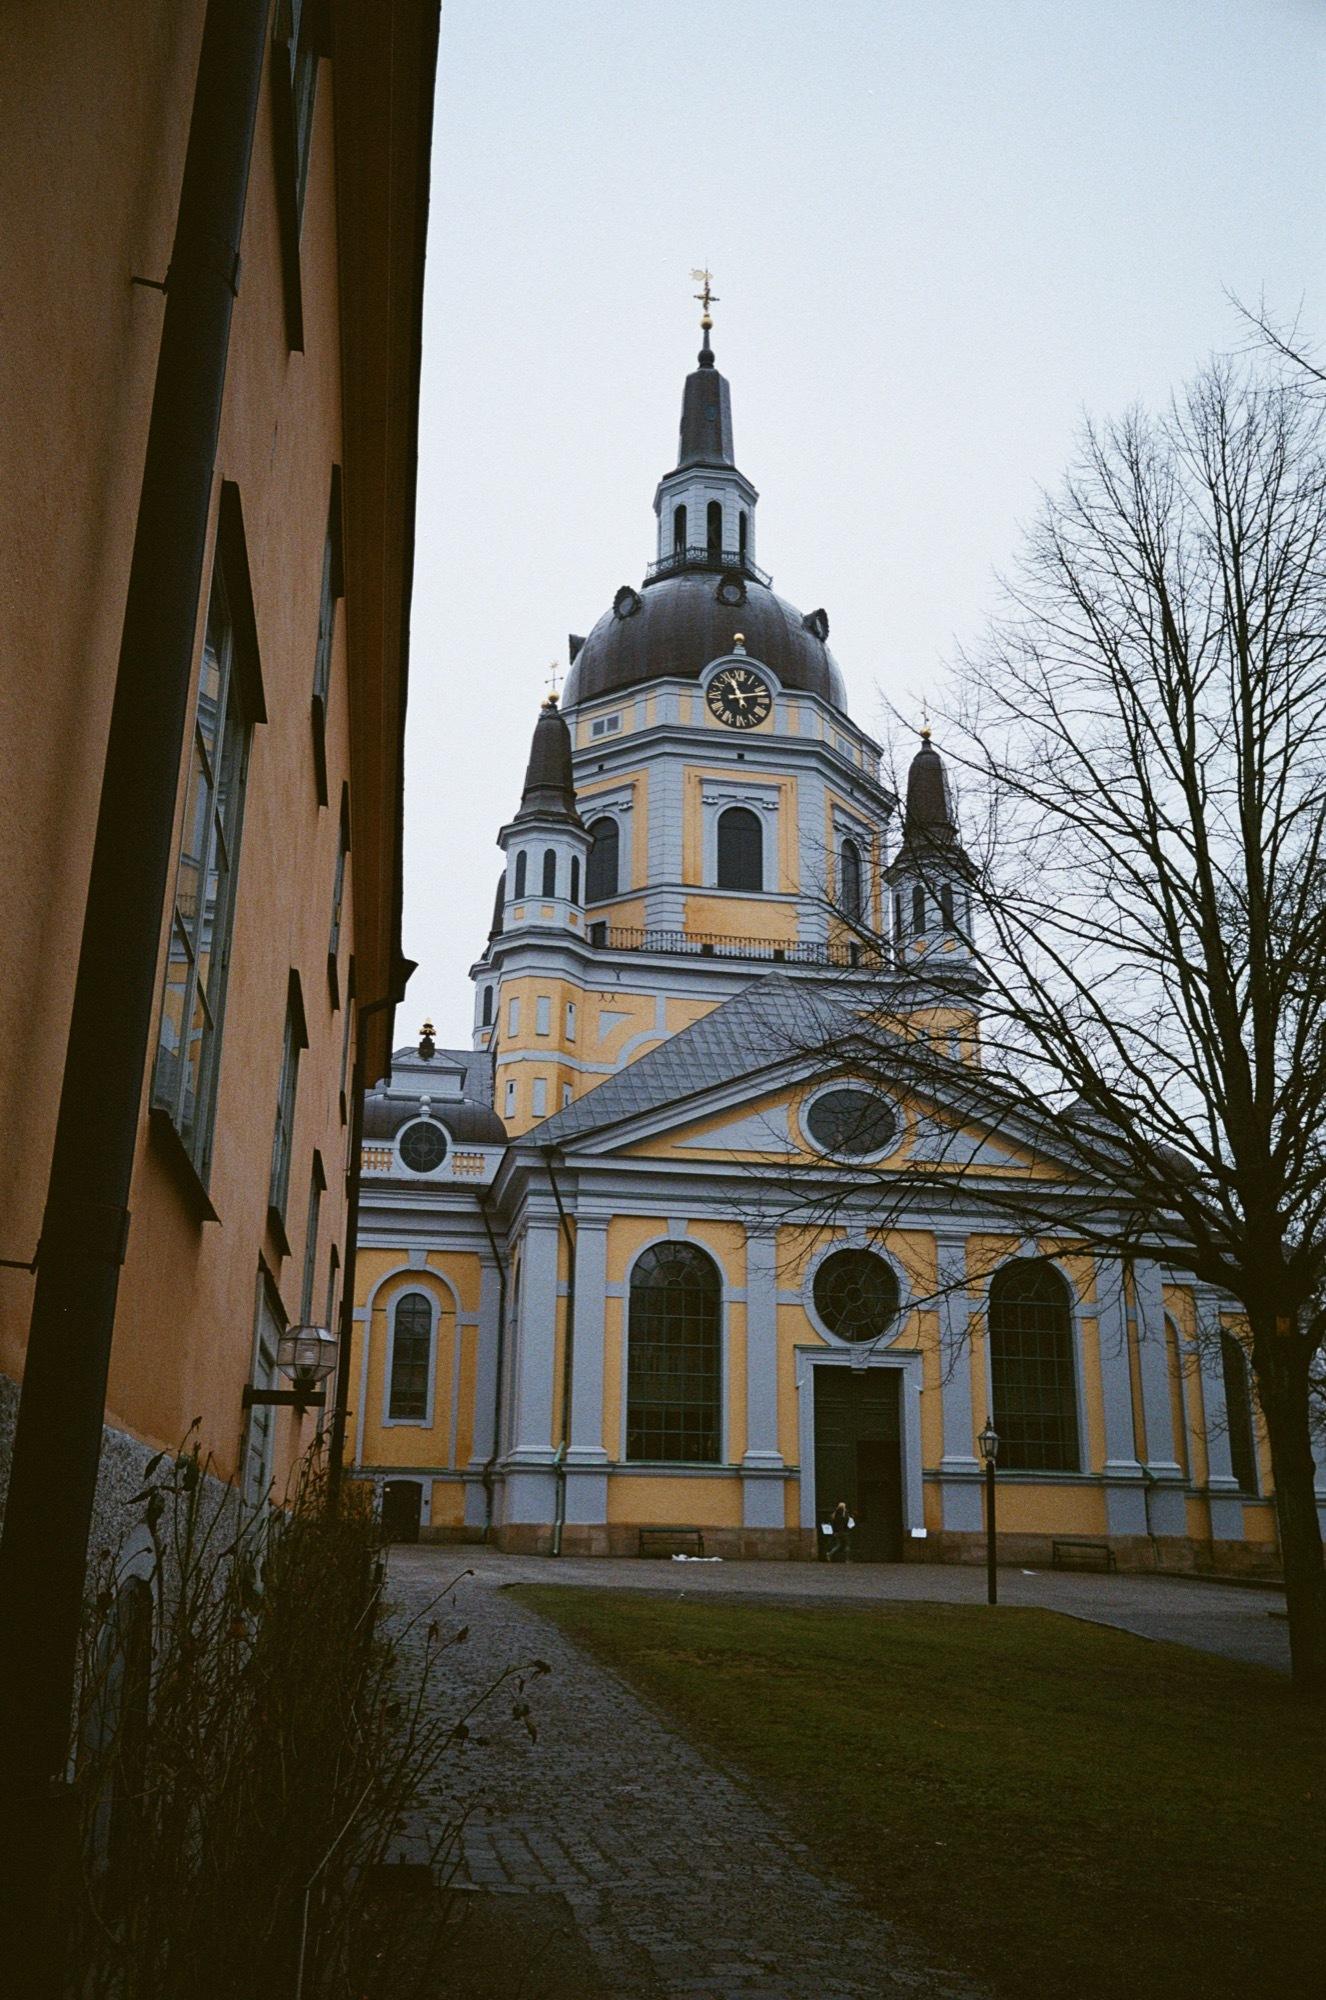 cameraville_leica_mda_stockholm_avenon_28mm_kodak_gold_400_51.jpg